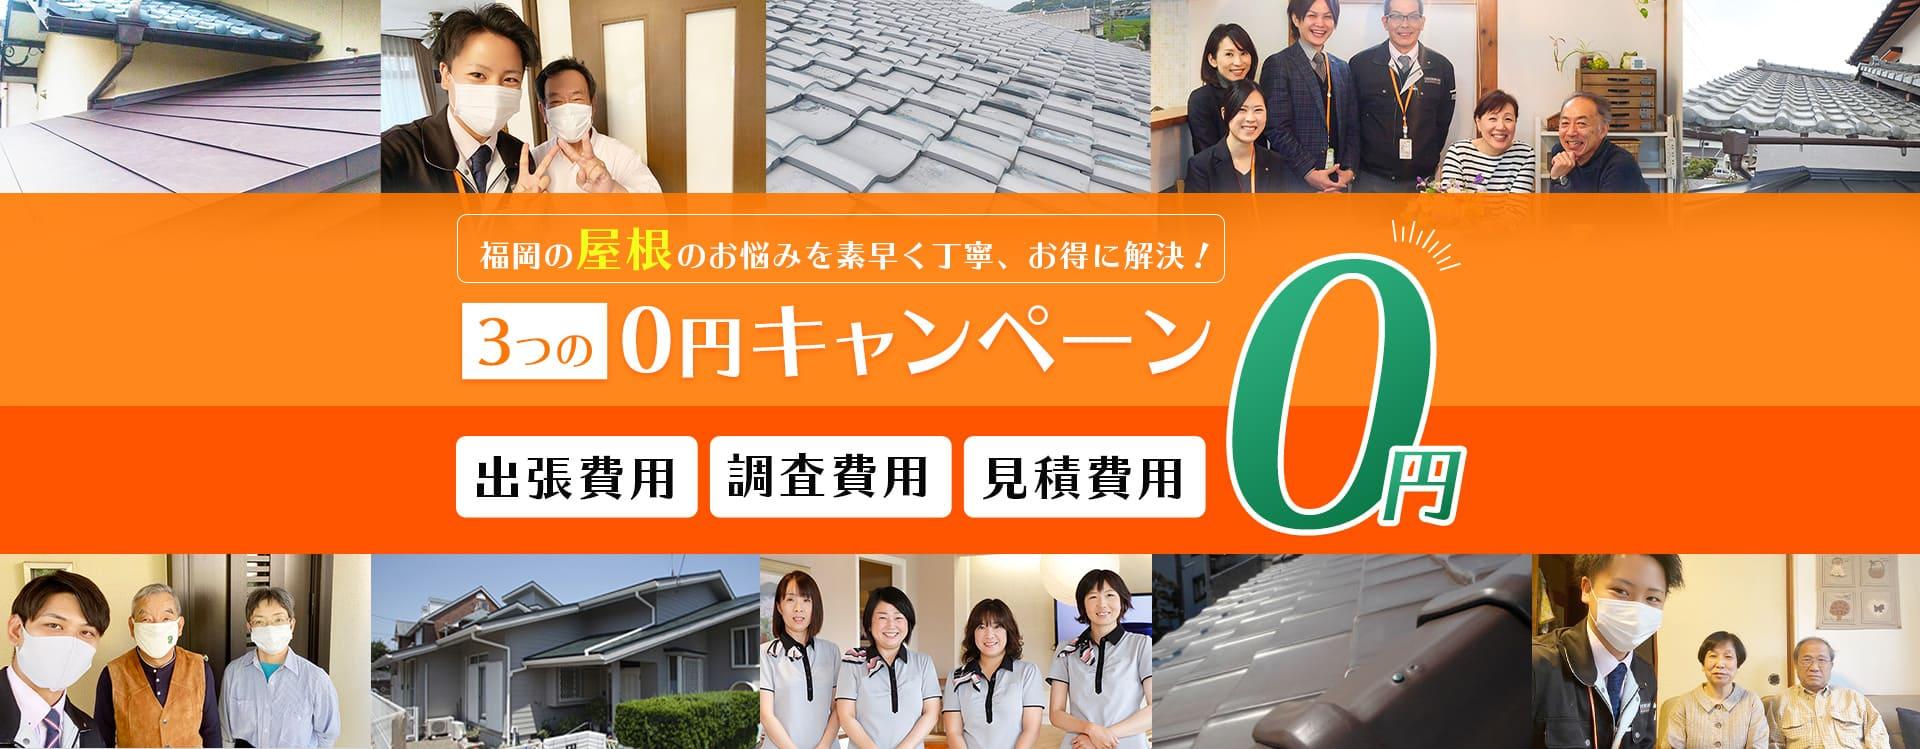 福岡の屋根のお悩みを素早く丁寧、お得に解決! 3つの0円キャンペーン